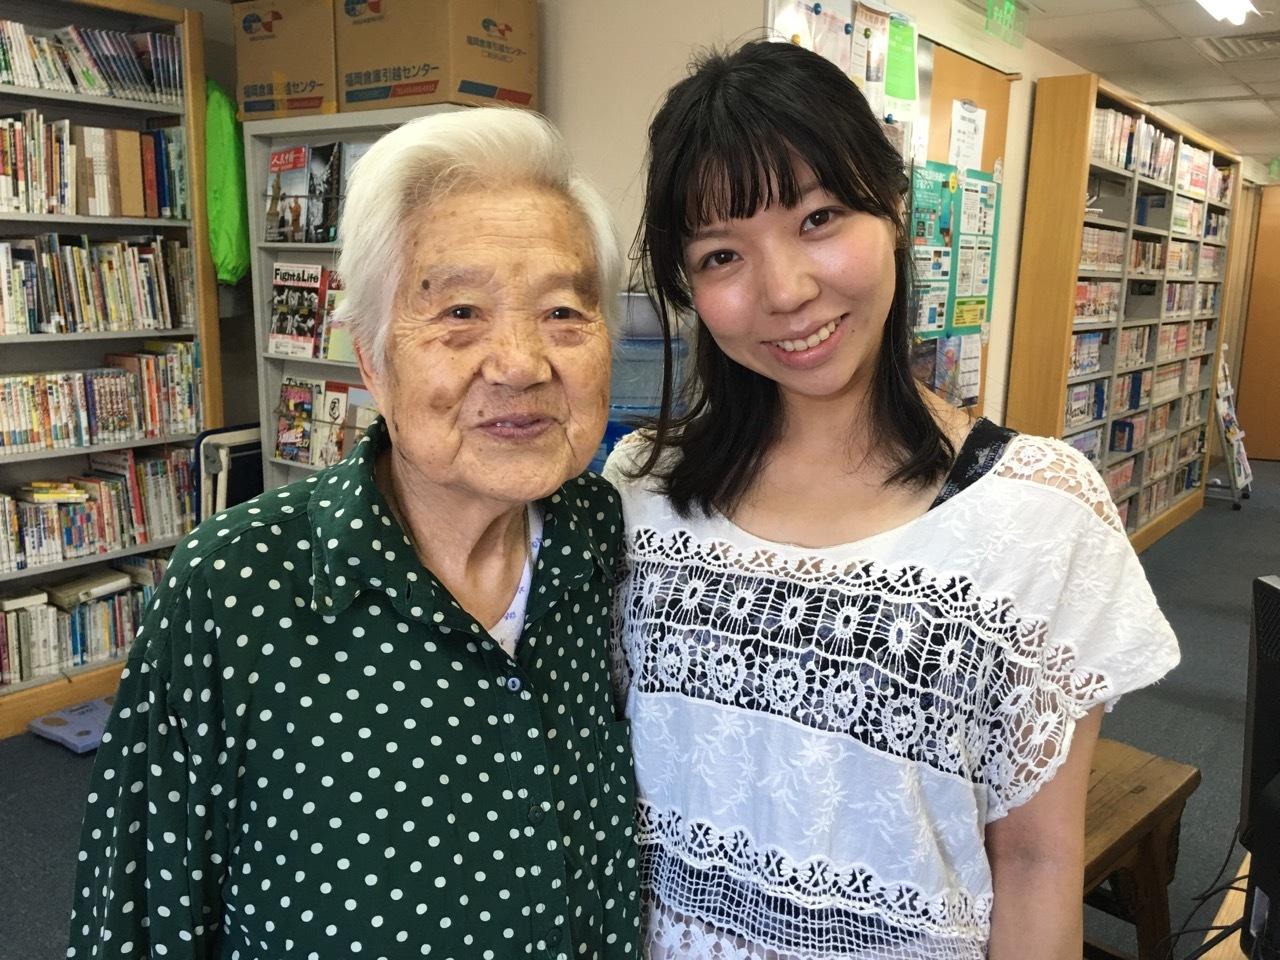 这个日本姑娘的中文水平好棒!_d0027795_14022152.jpeg